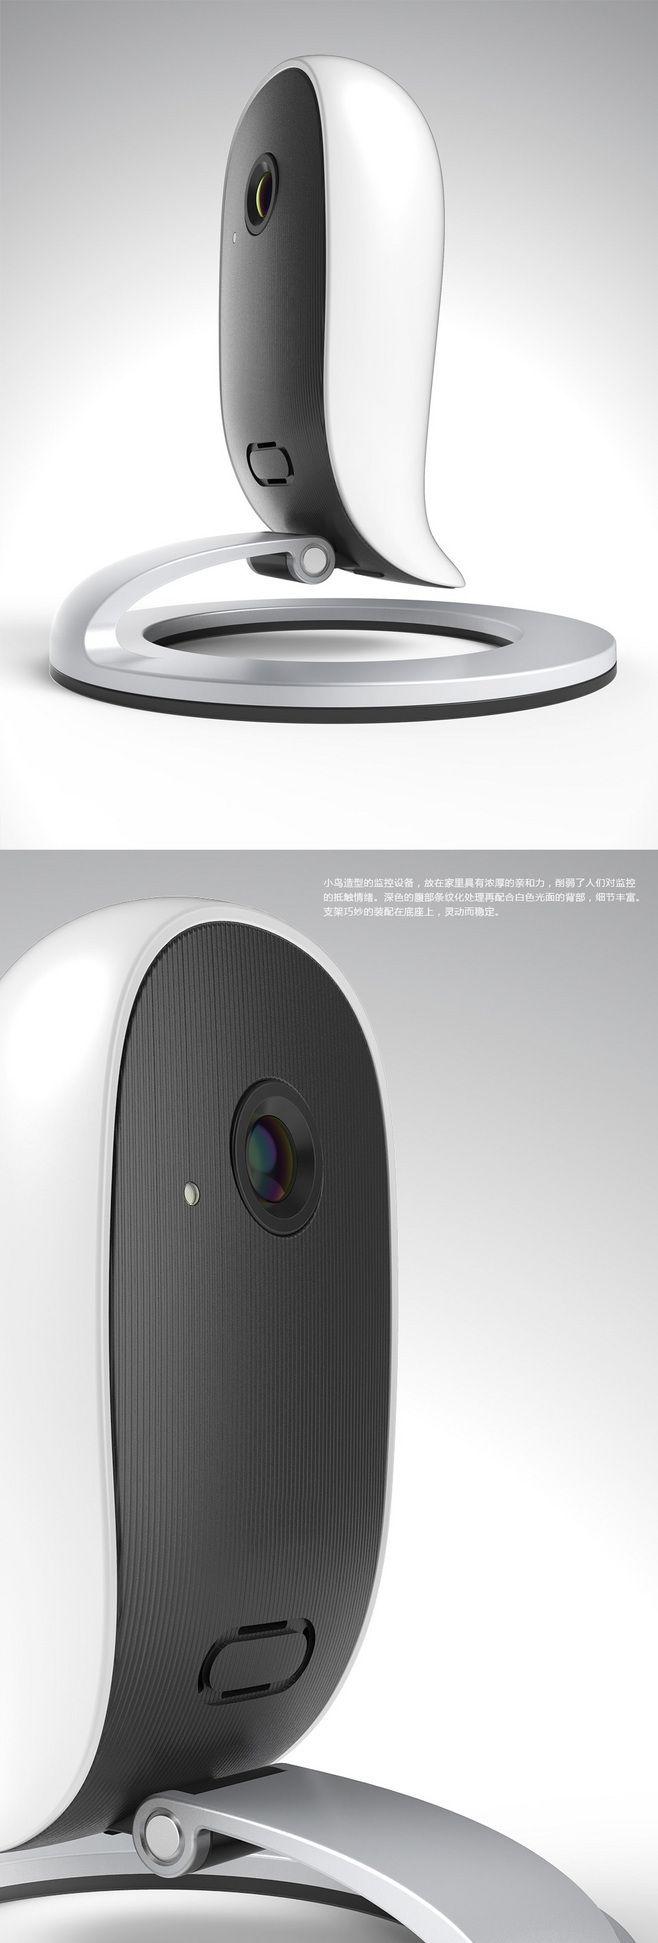 摄像头简约科技 - 摄像头 -